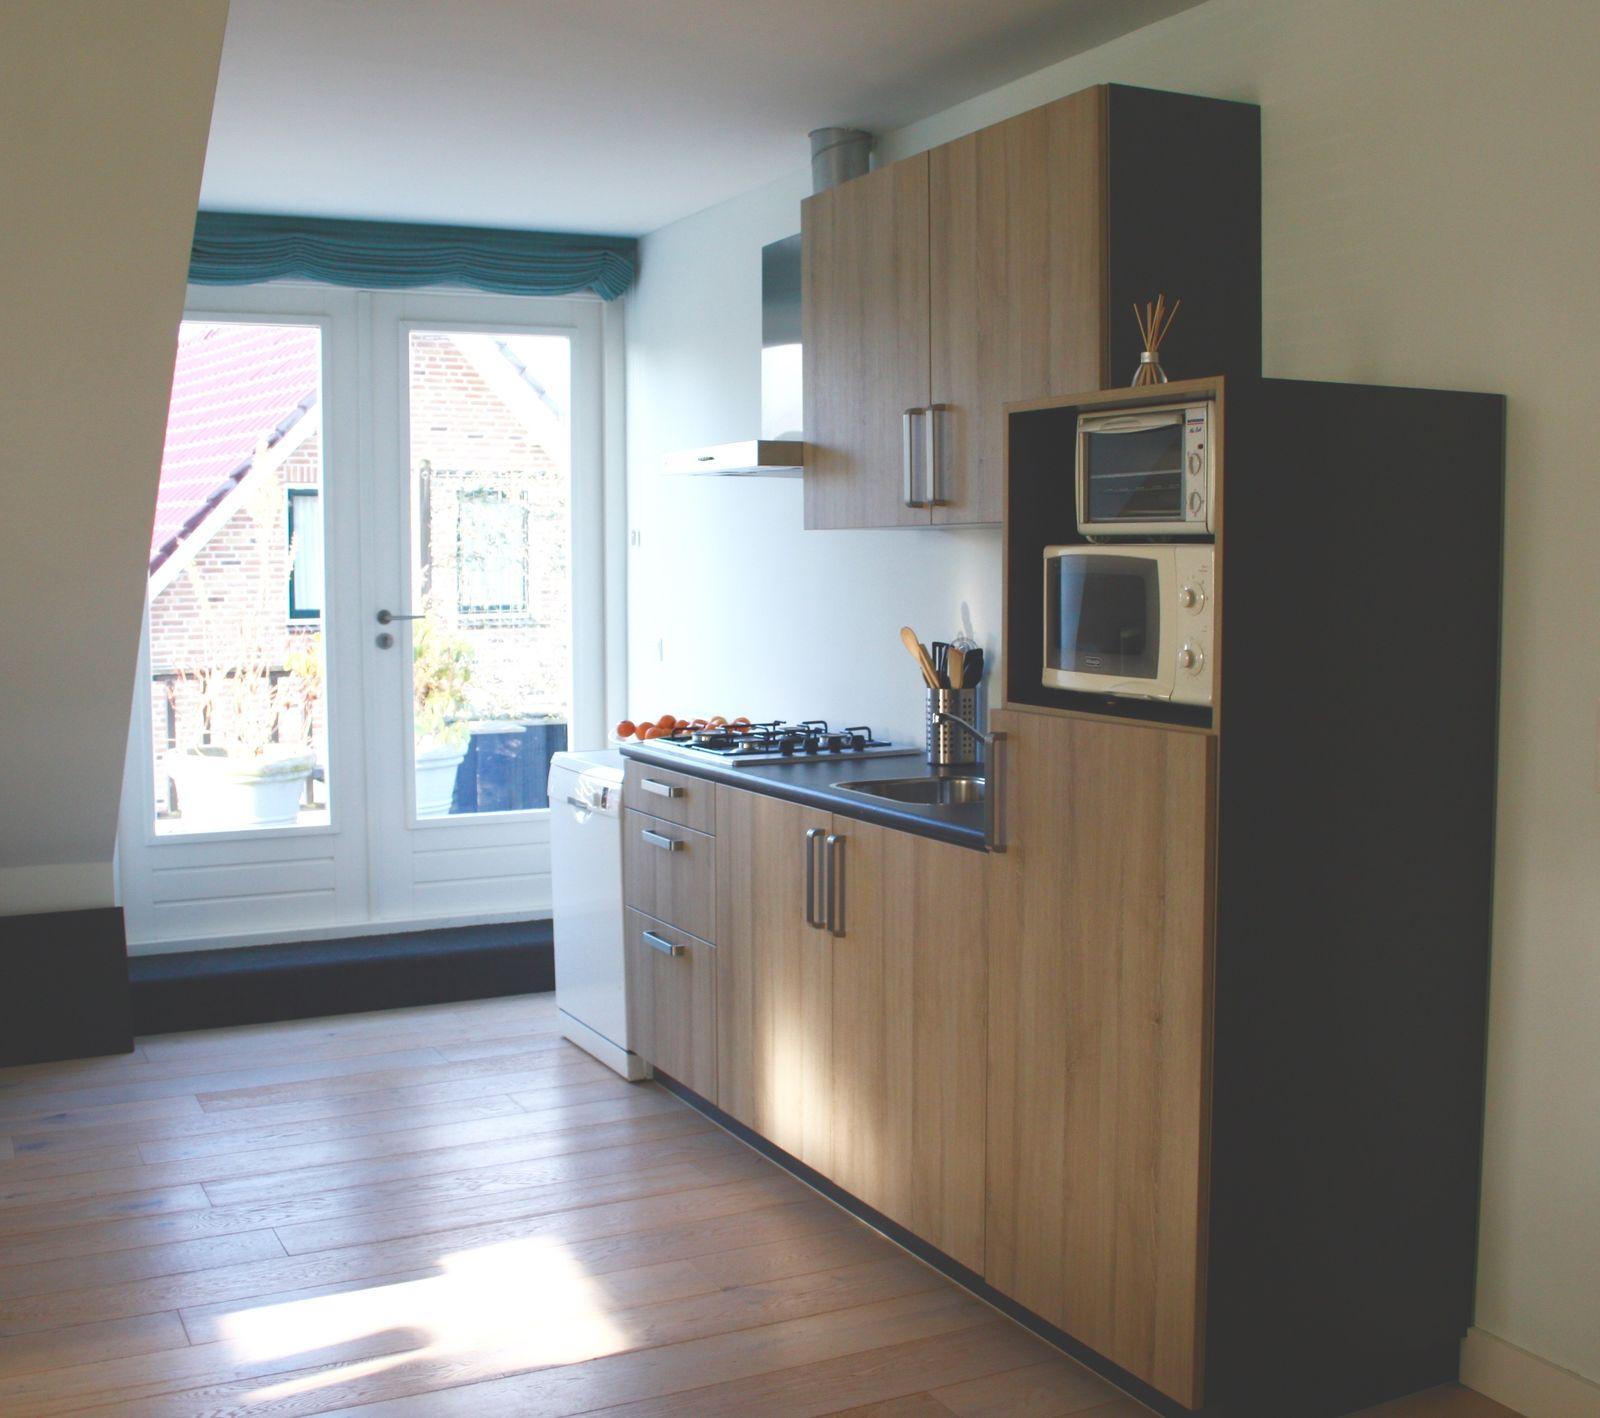 Afbeelding van Ouddorp - Ruim Appartement in het centrum - Hofdijksweg 6 personen